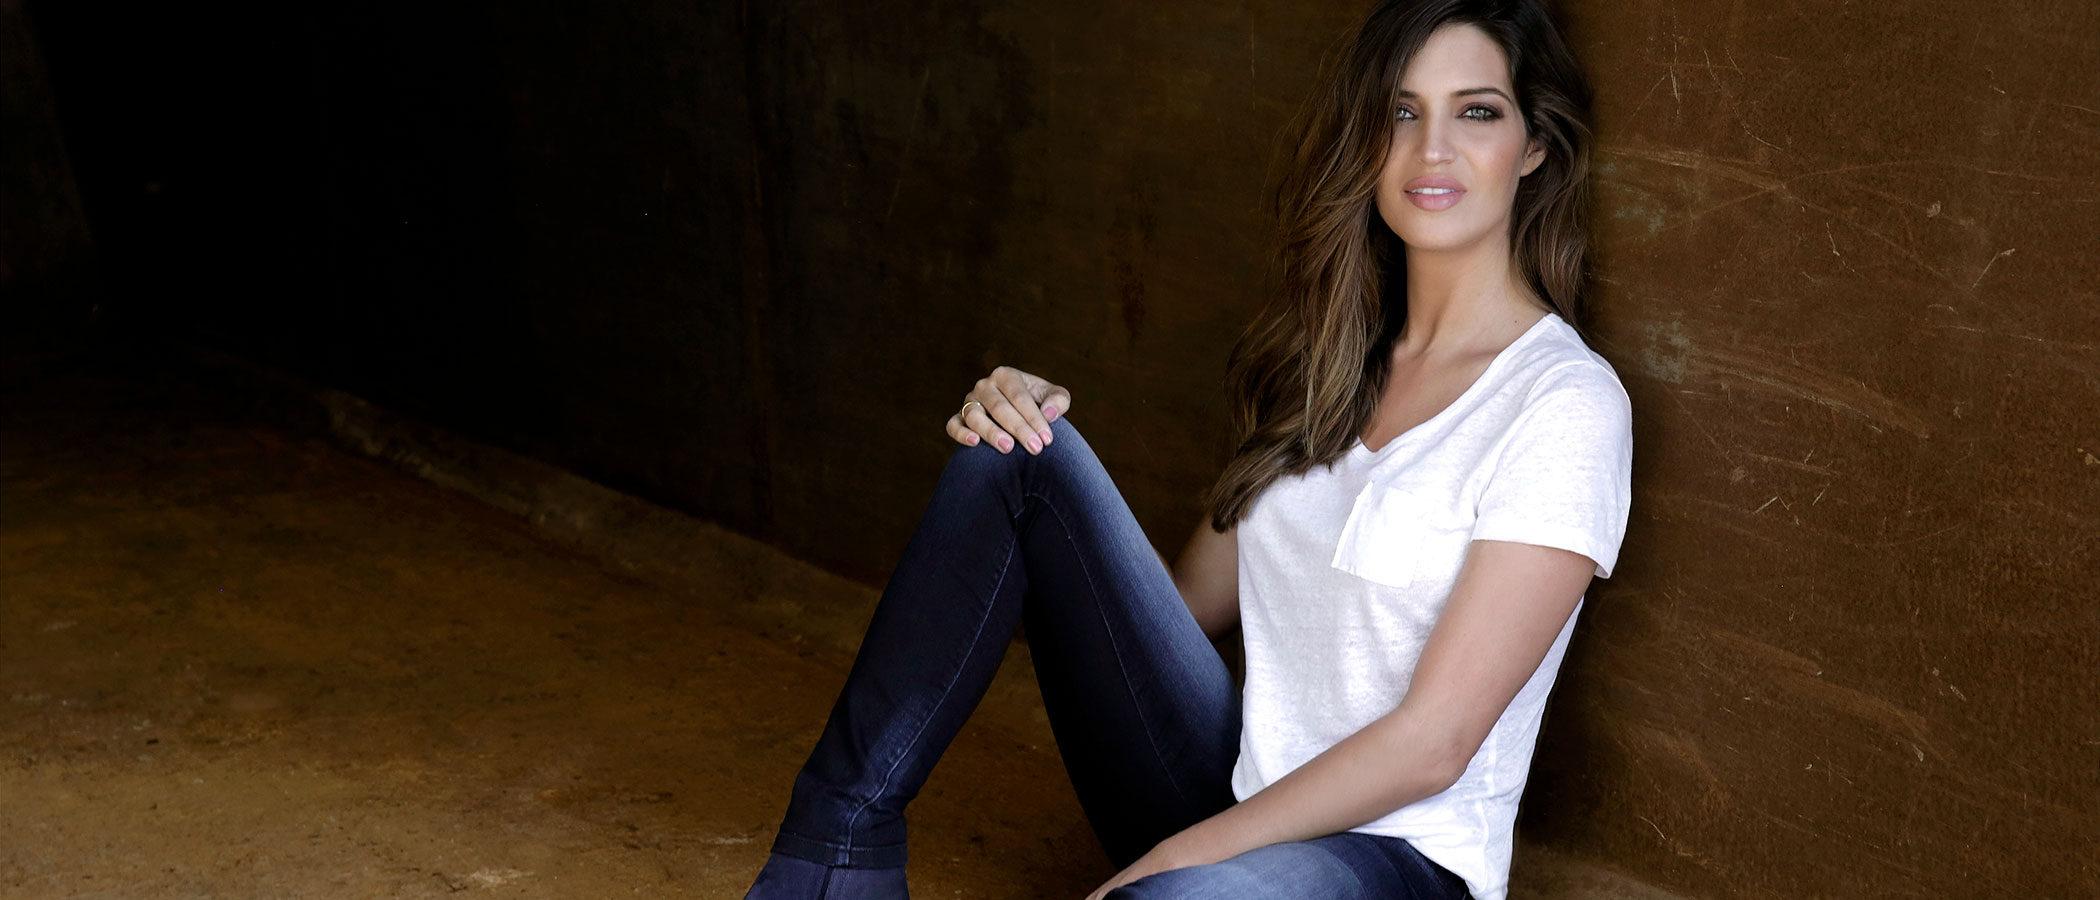 Sara Carbonero repite como embajadora de Salsa para la temporada otoño/invierno 2017